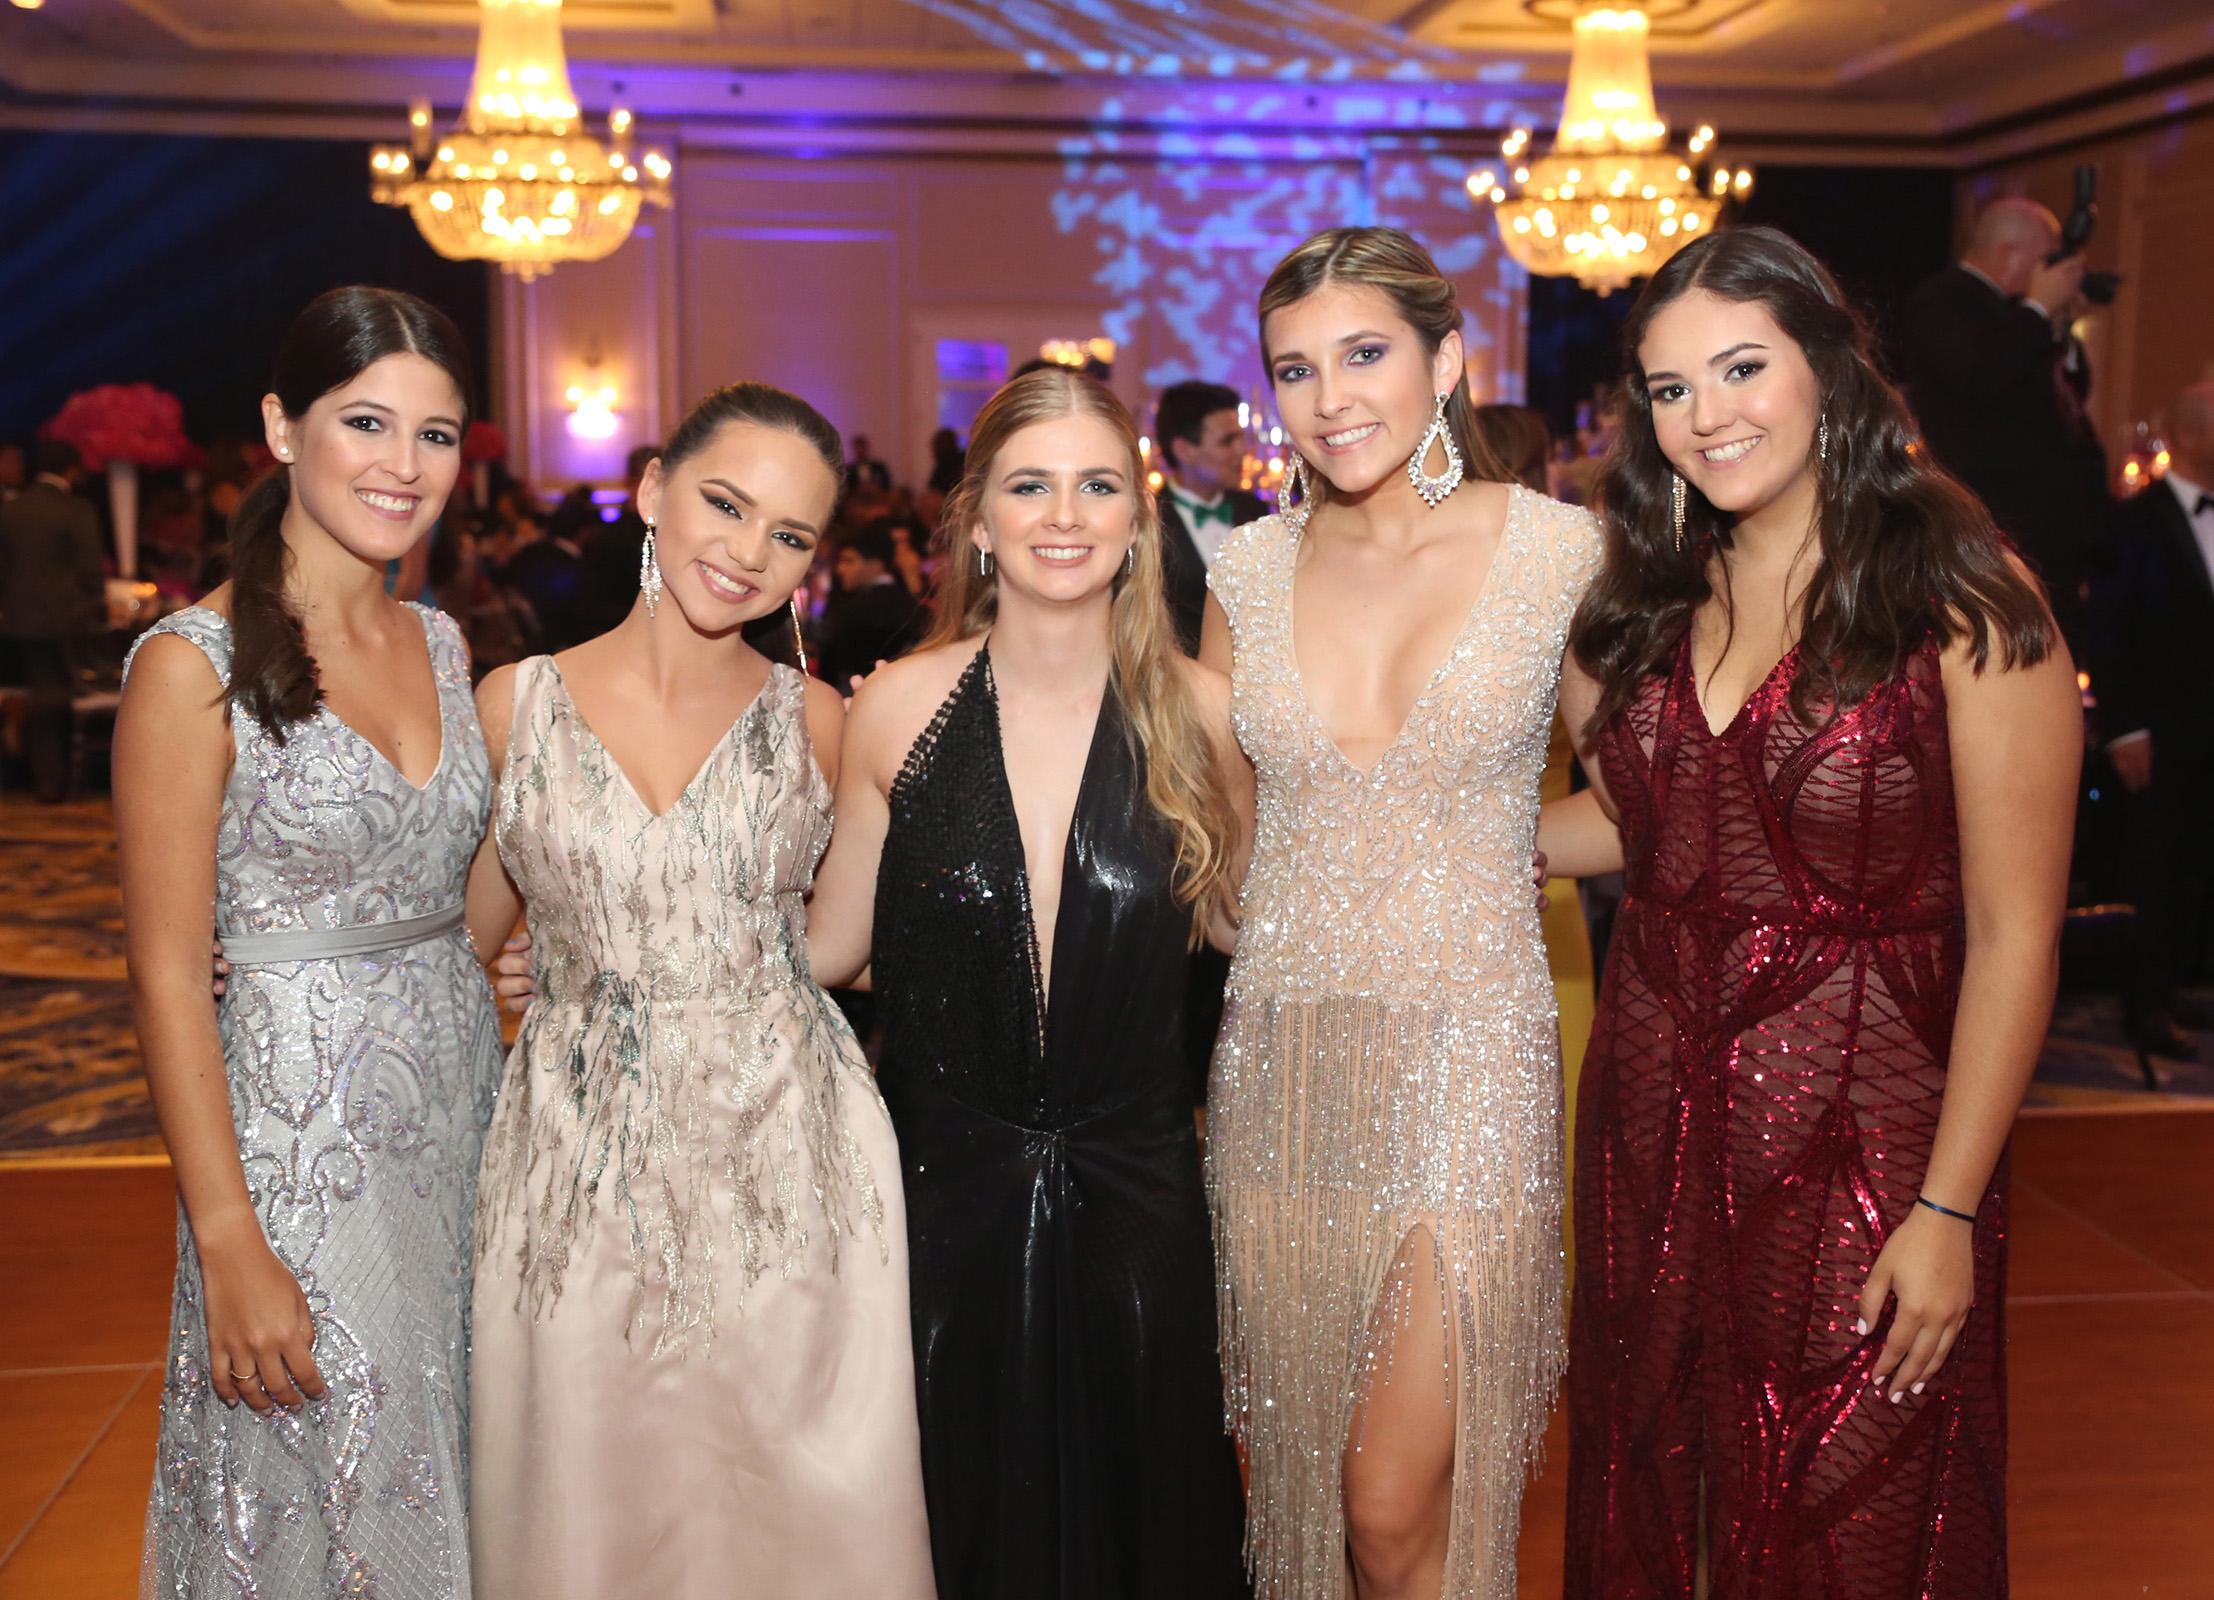 Isabel Mirandés, Valeria Ferré, Tatiana Rodríguez, Camilla Covas y Bibiana Díaz. (José R. Pérez Centeno)